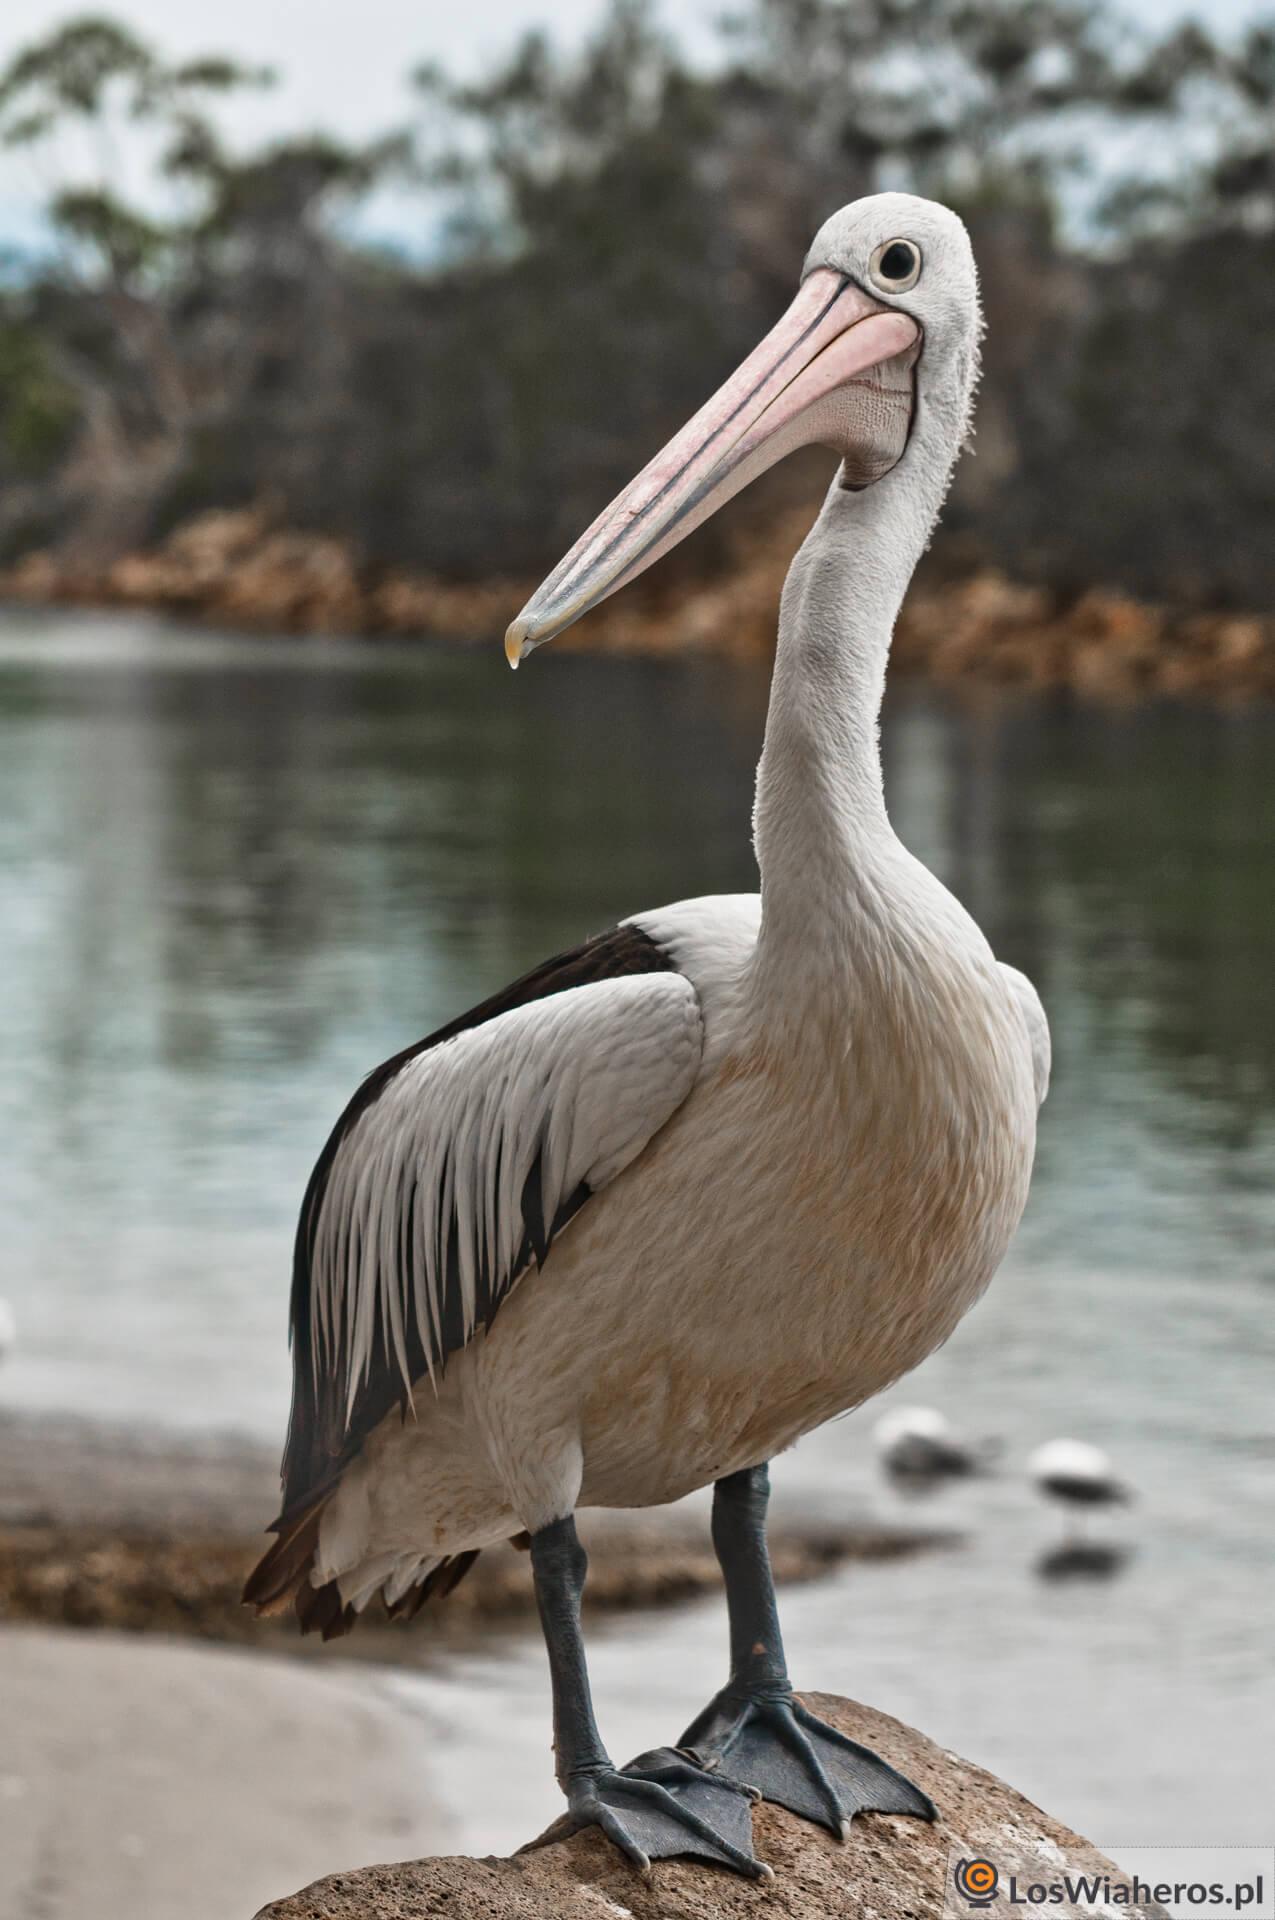 Znudzony pozowaniem pelikan, Qeensland, Australia.